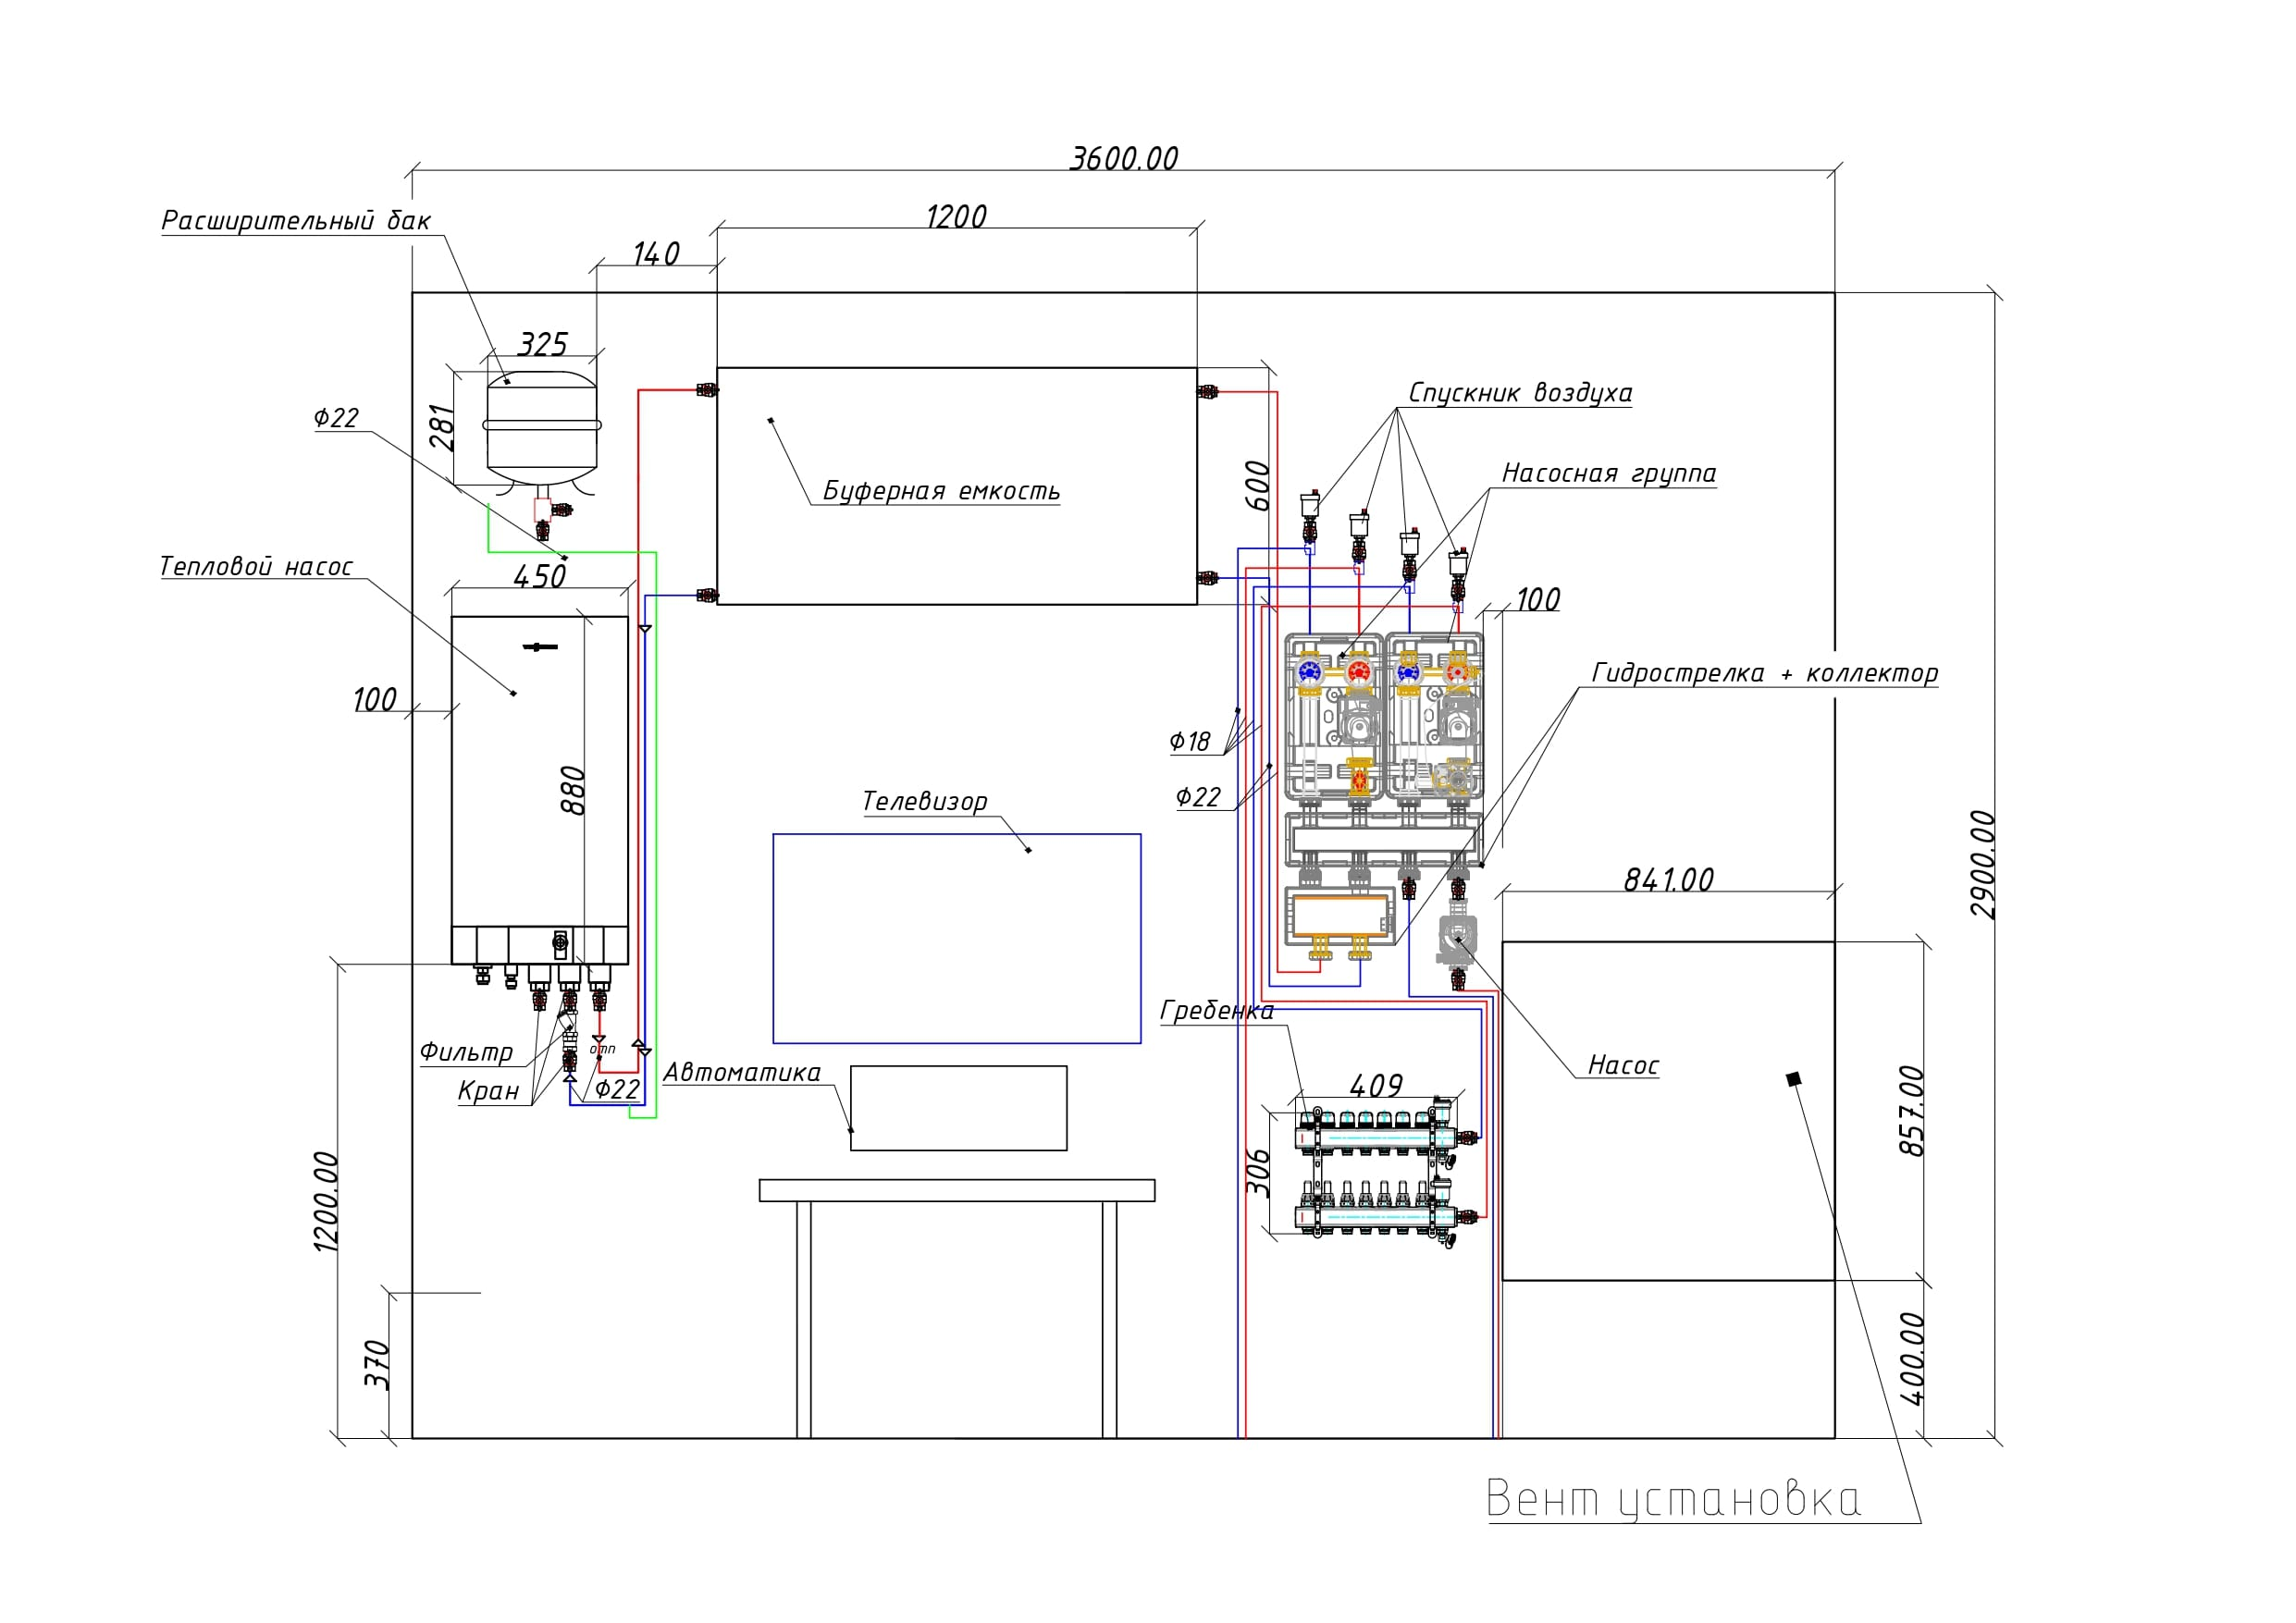 Схематическое изображение установленного оборудования